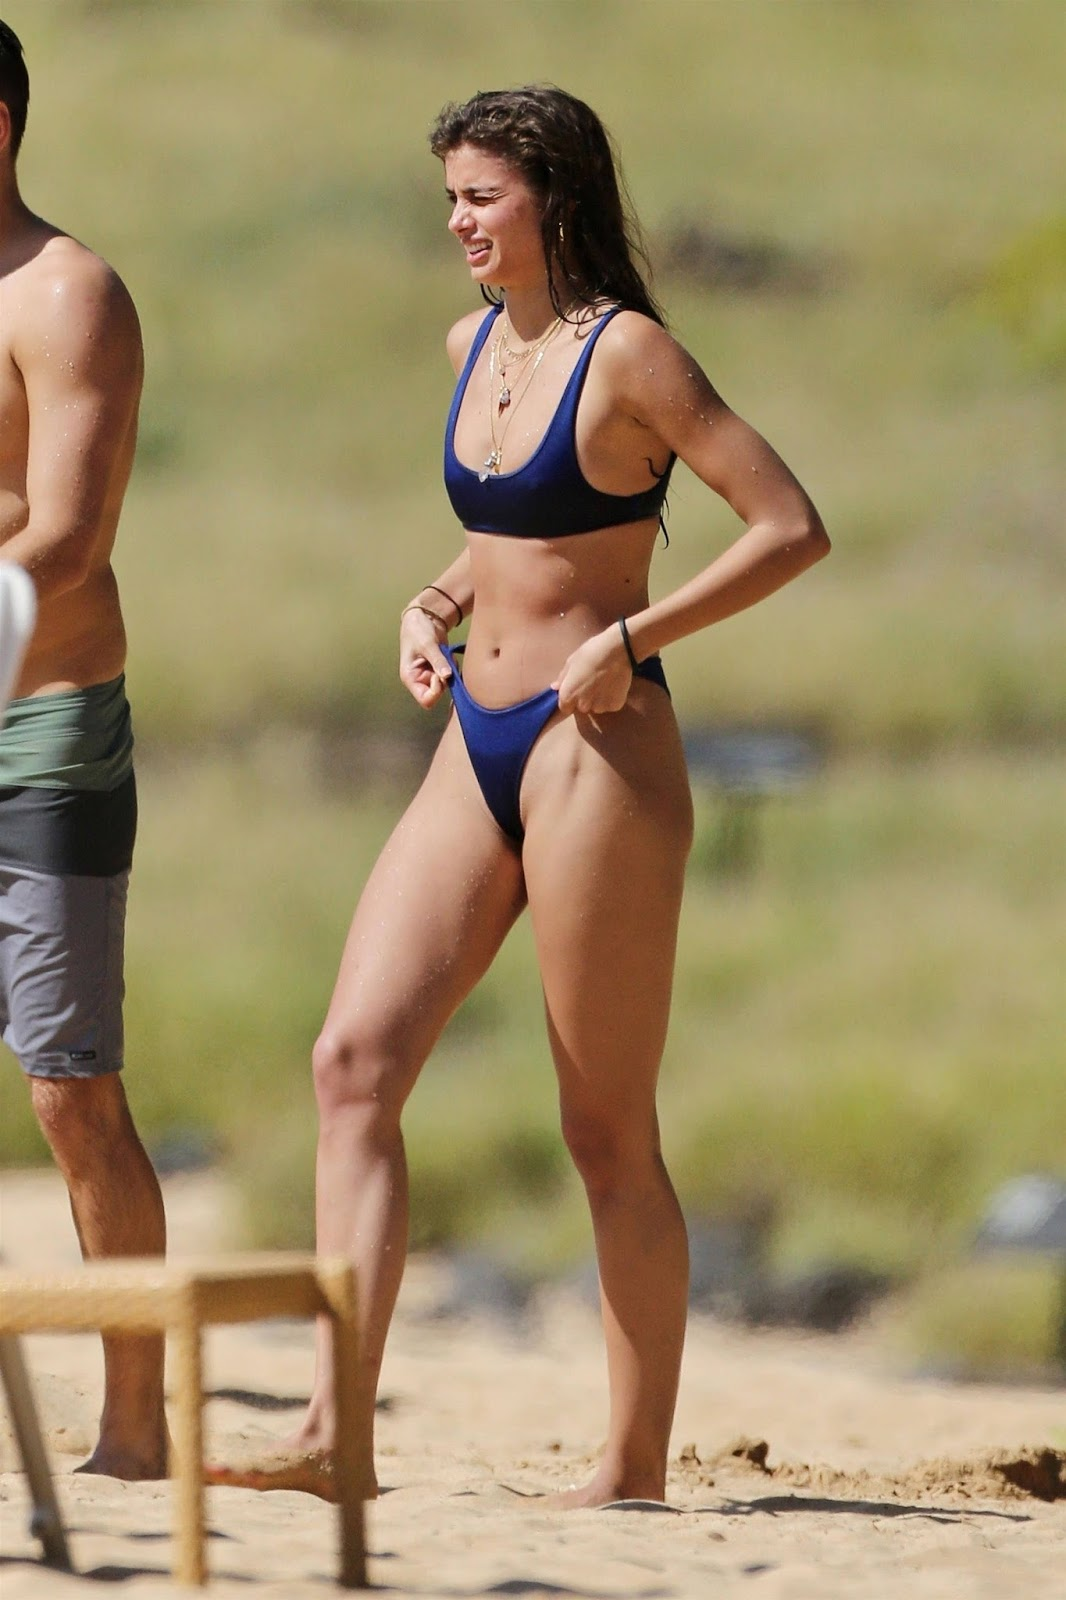 Taylor Hill Wearing a Bikini